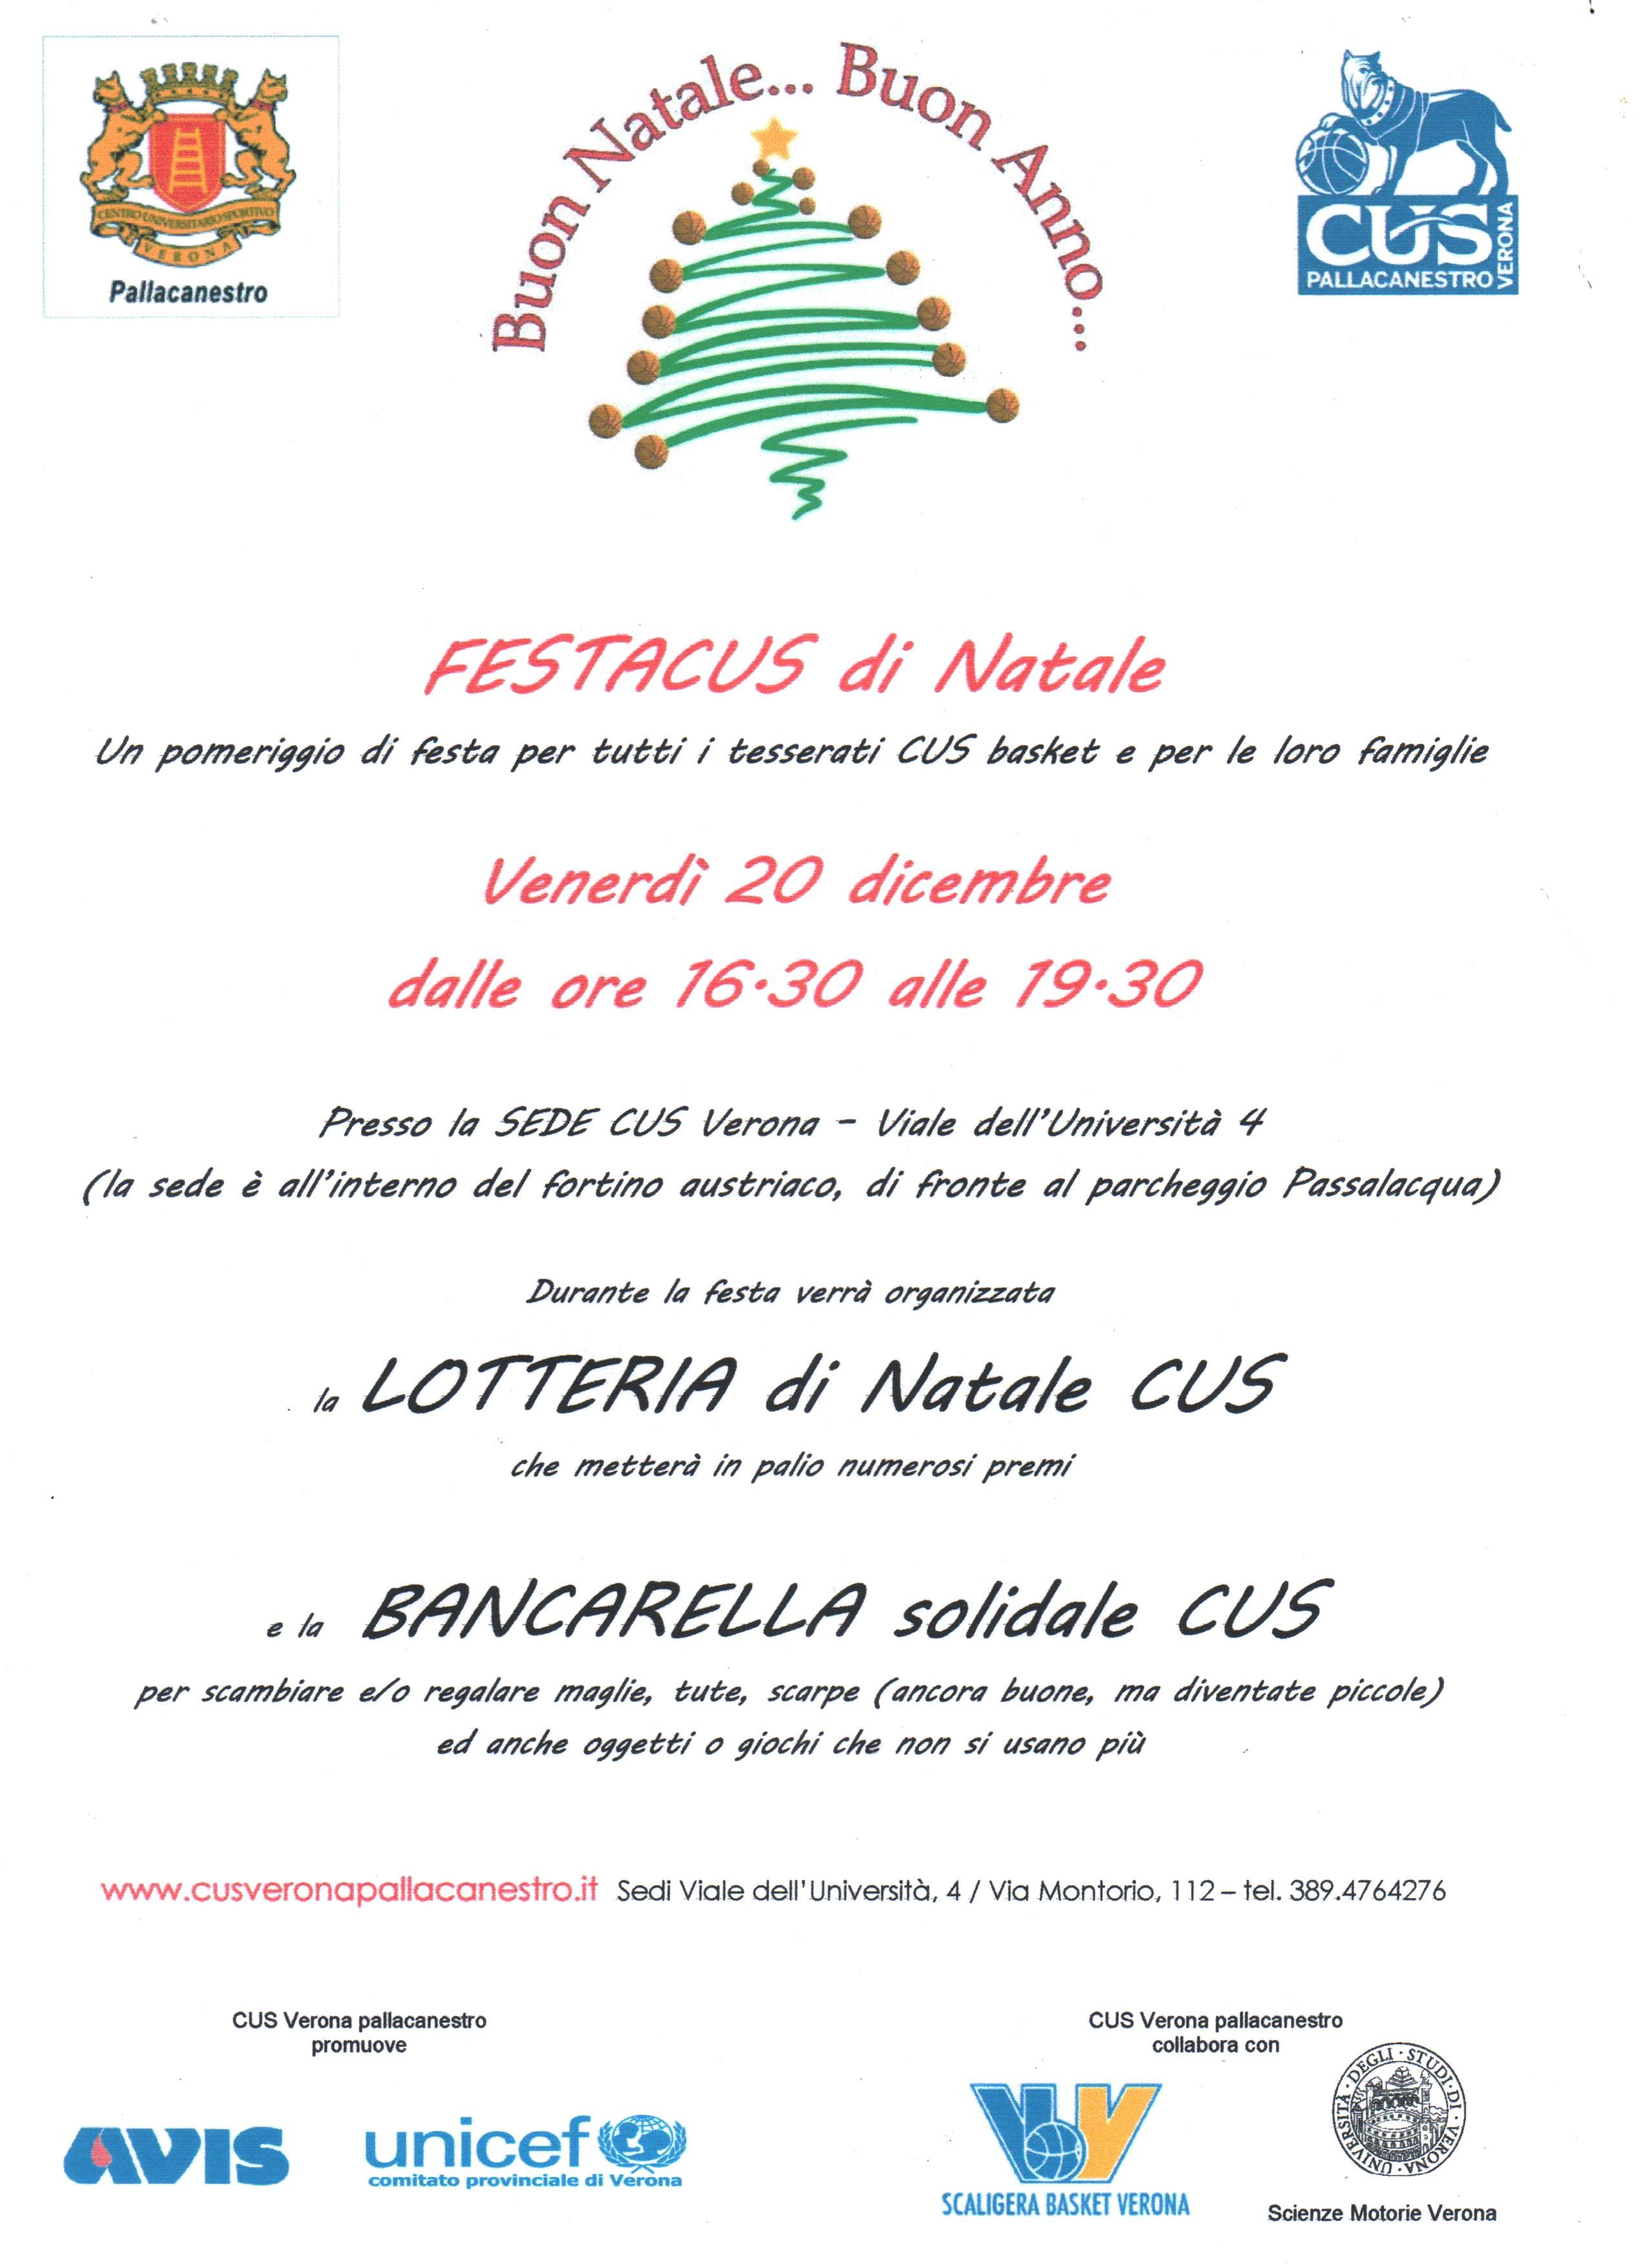 Biglietti Di Natale Unicef 2020.Festacus Di Natale Cus Verona Pallacanestro Sito